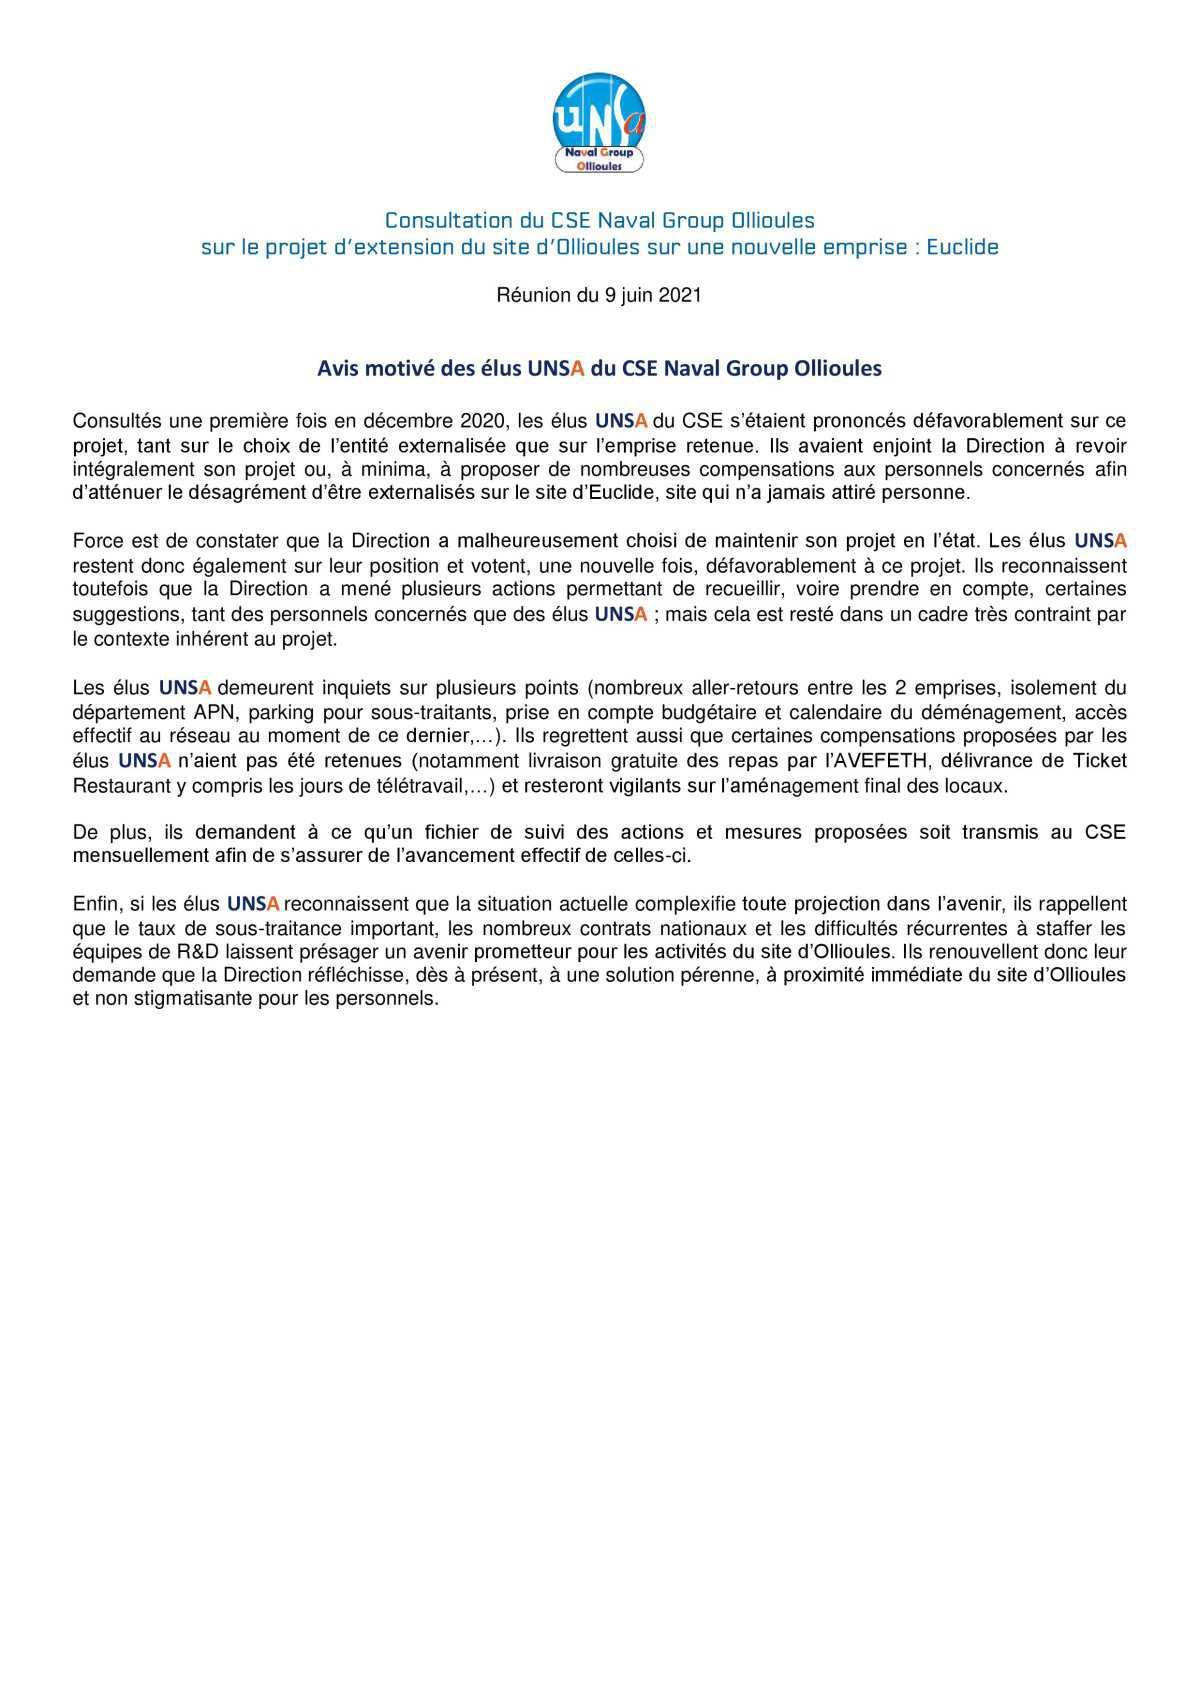 CSE d'Ollioules - réunion du 8 juin 2021 - consultation sur le projet d'extension du site d'Ollioules sur une nouvelle emprise : Euclide